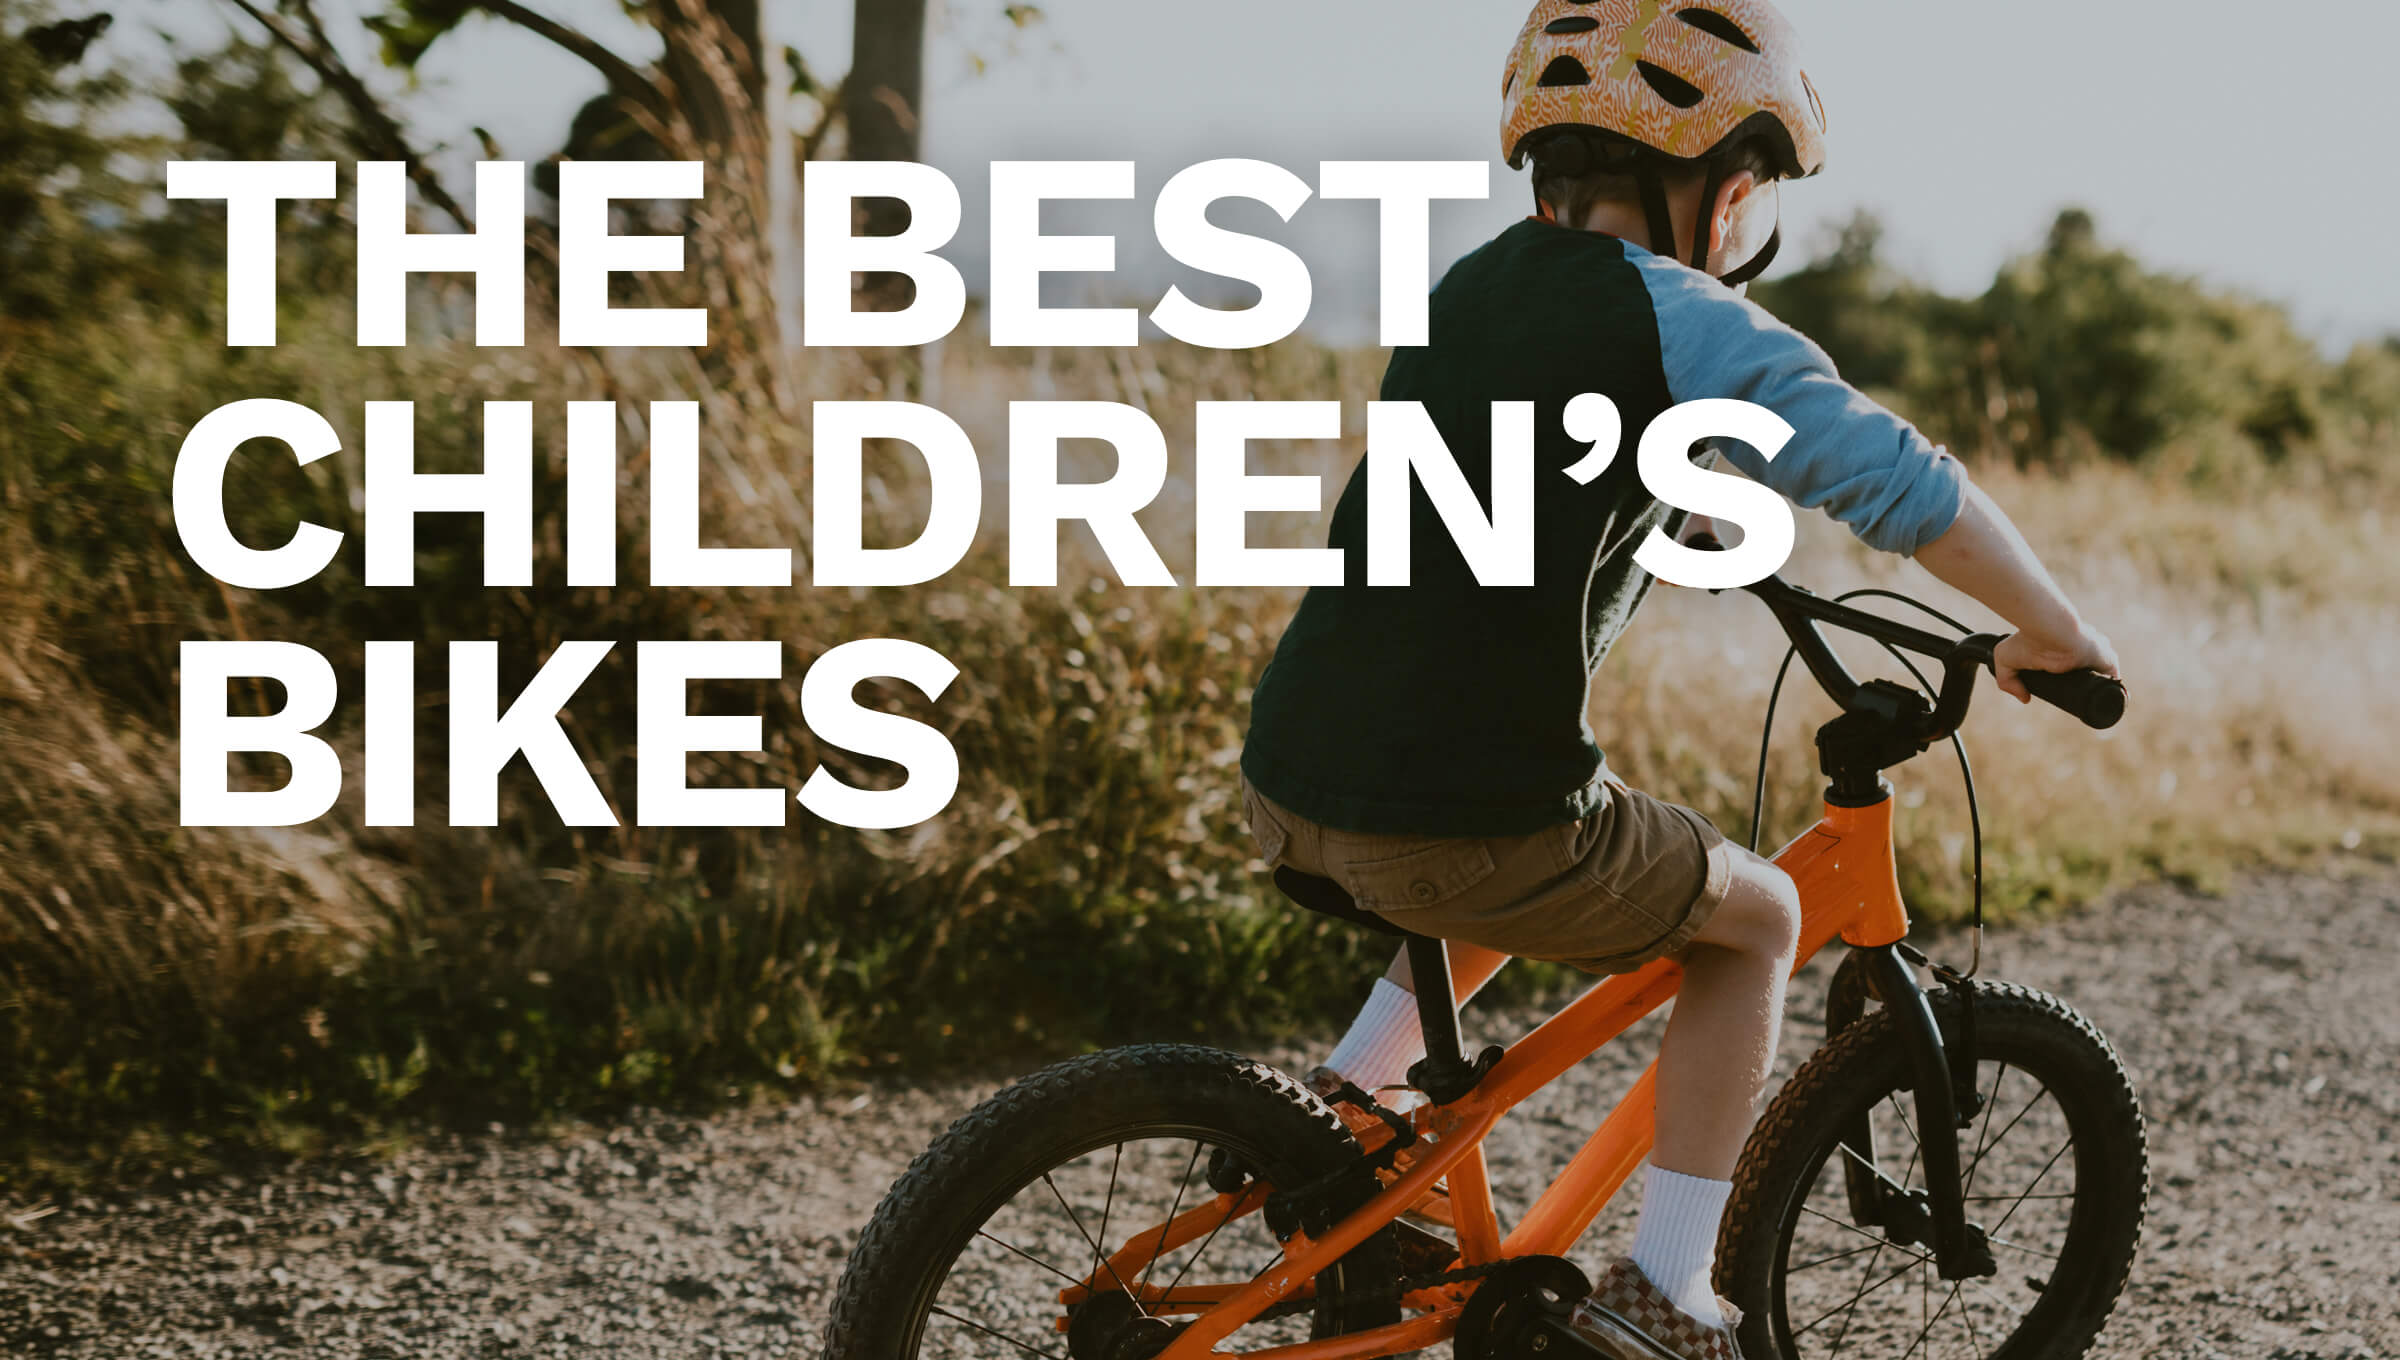 The Best Children's Bikes